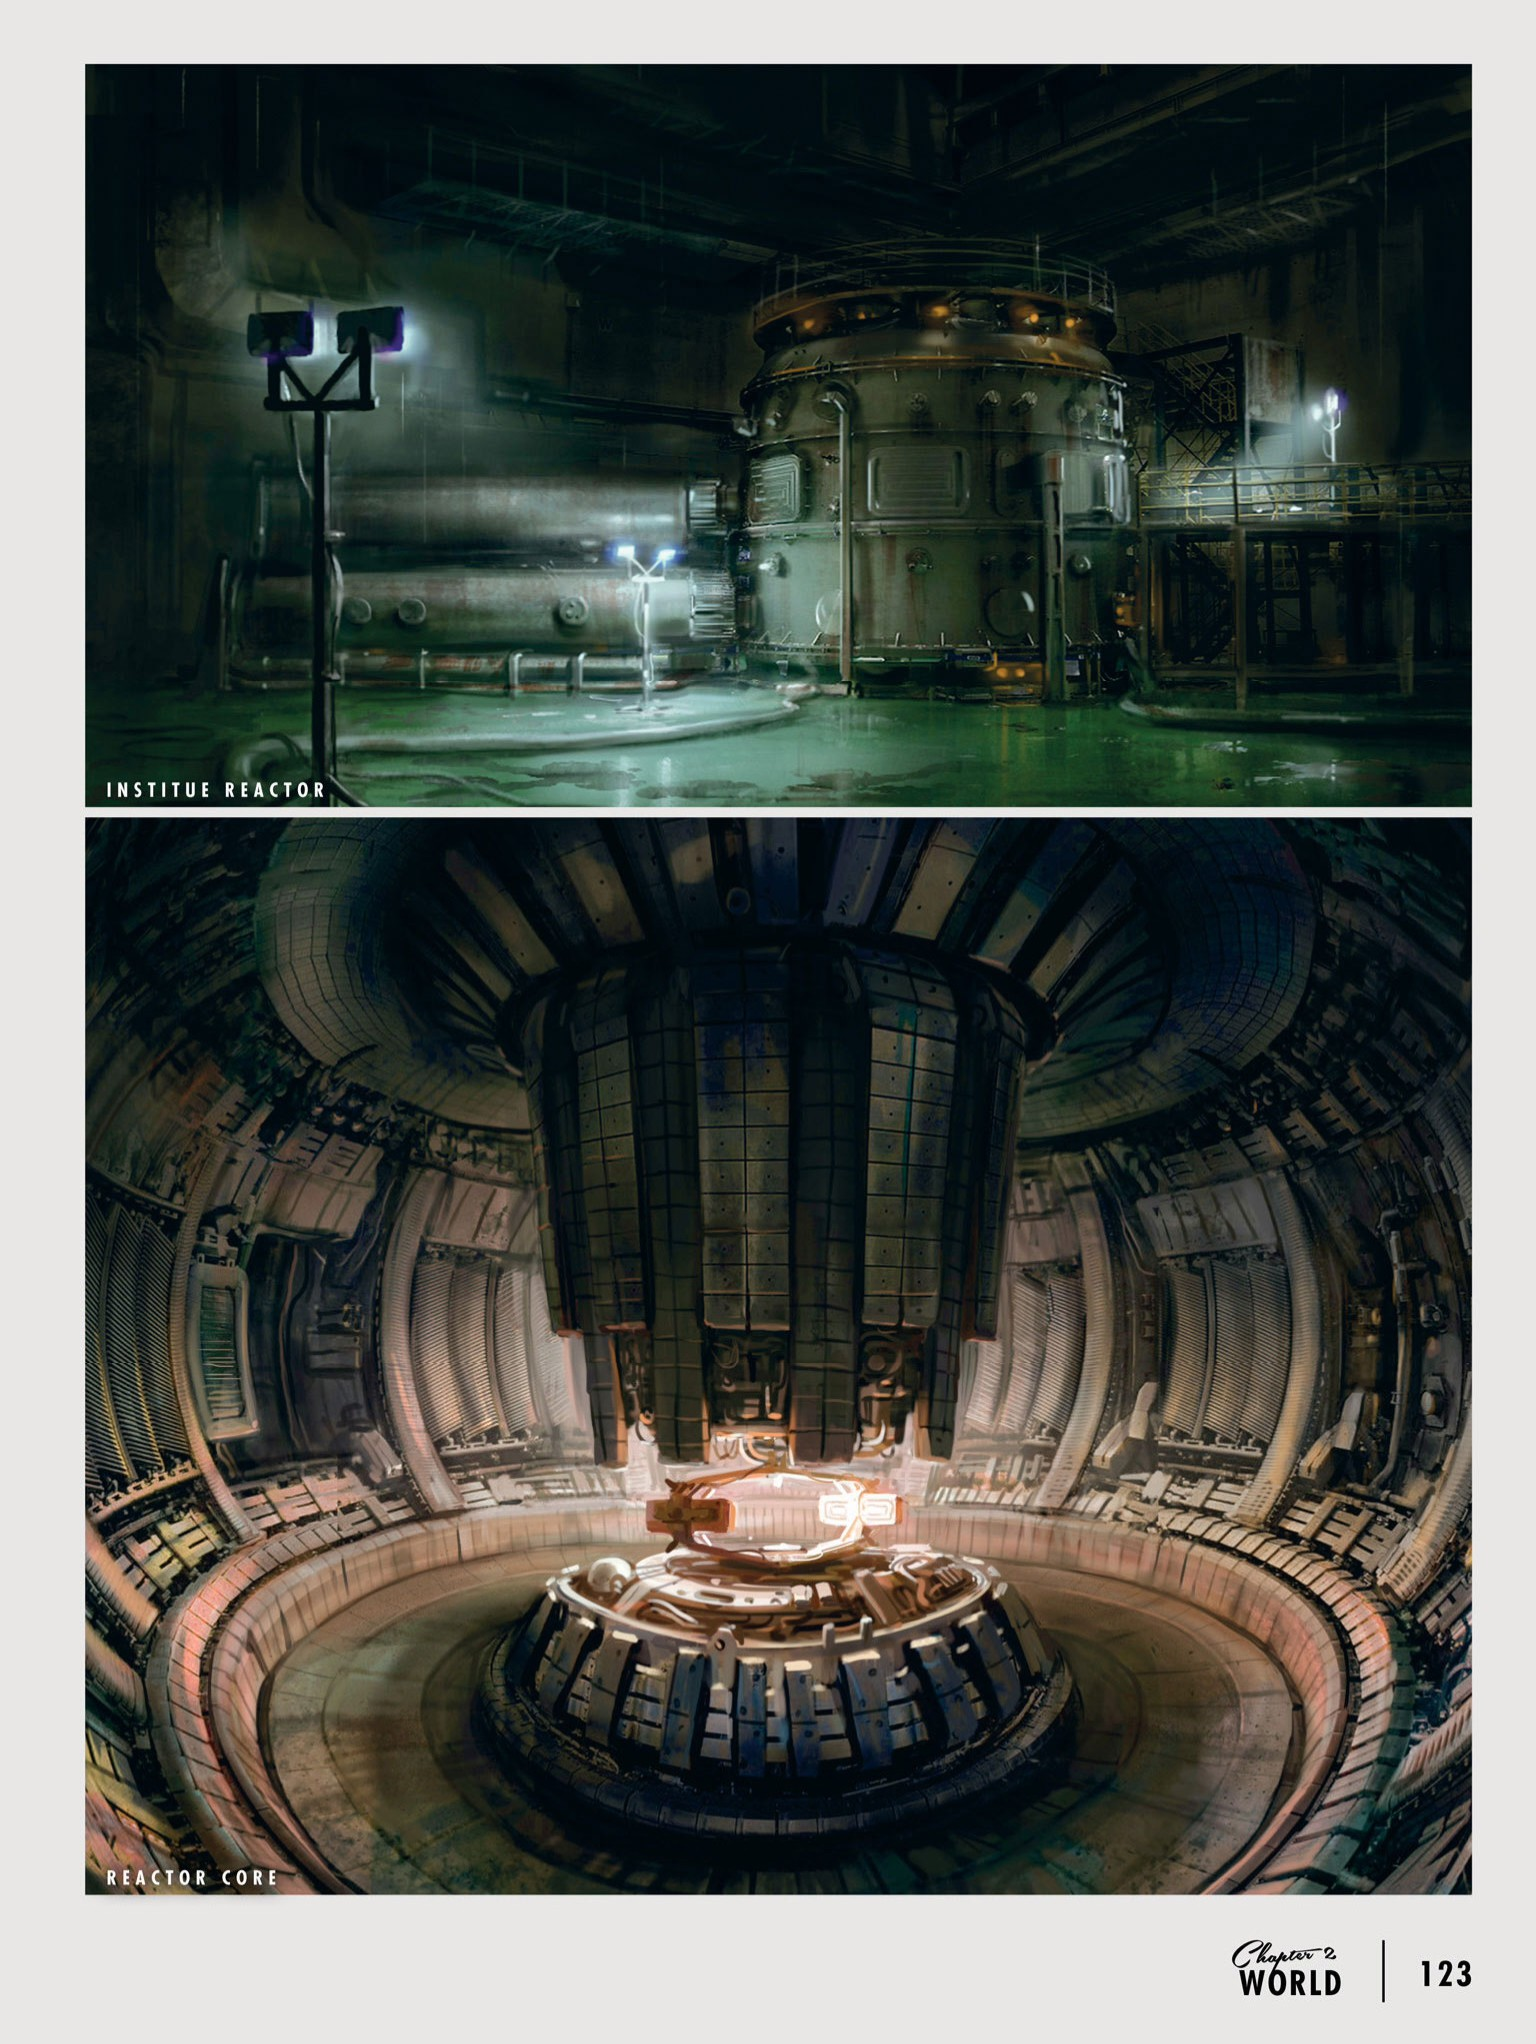 Art of FO4 Institute Reactor